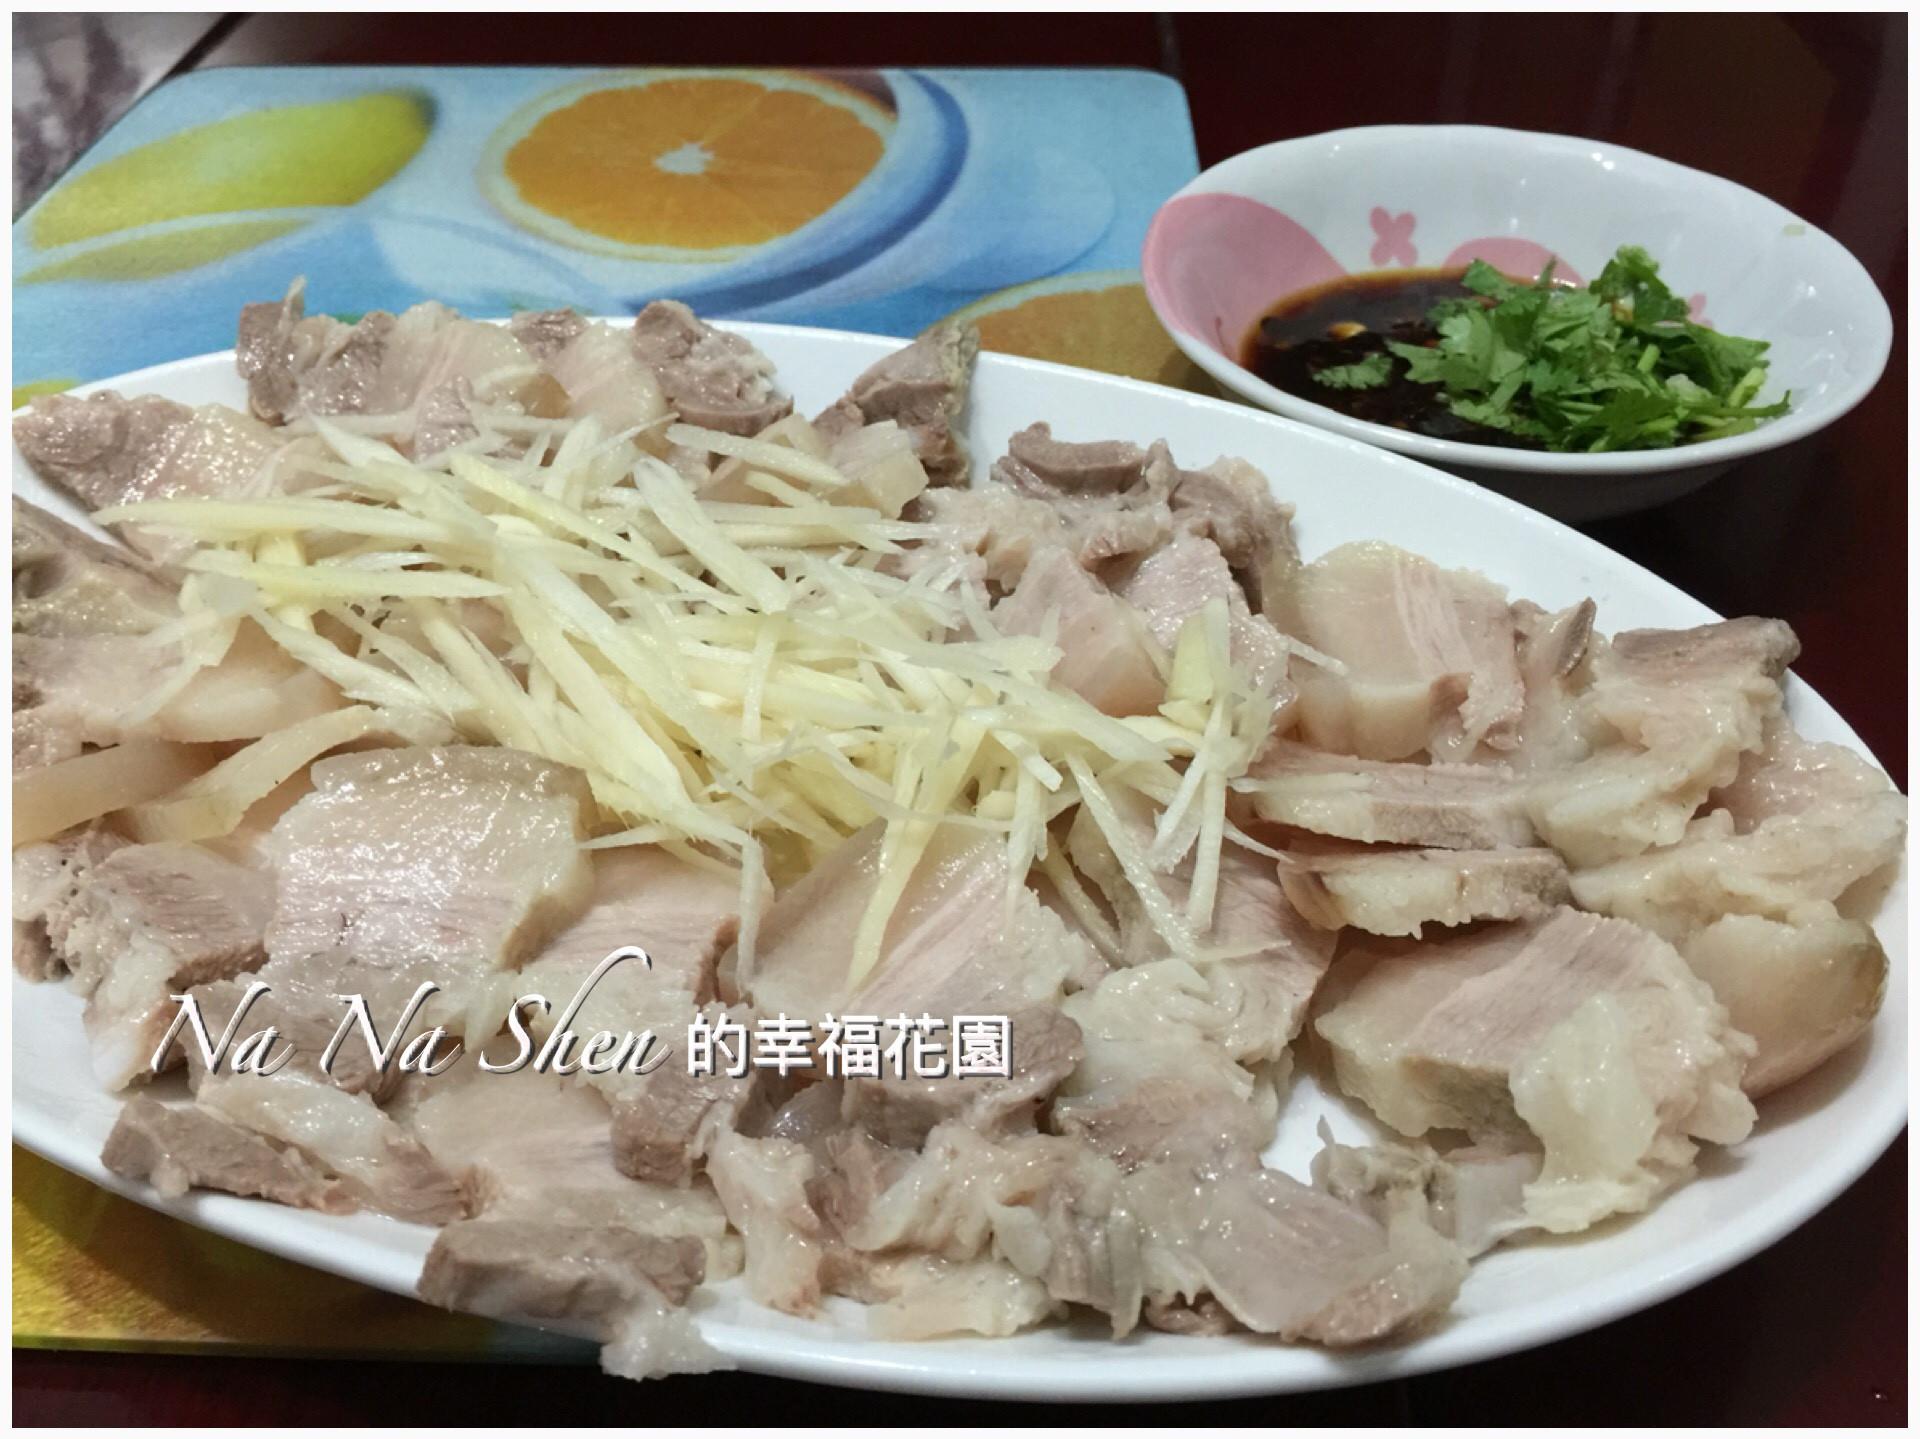 半米杯水煮【白切肉】